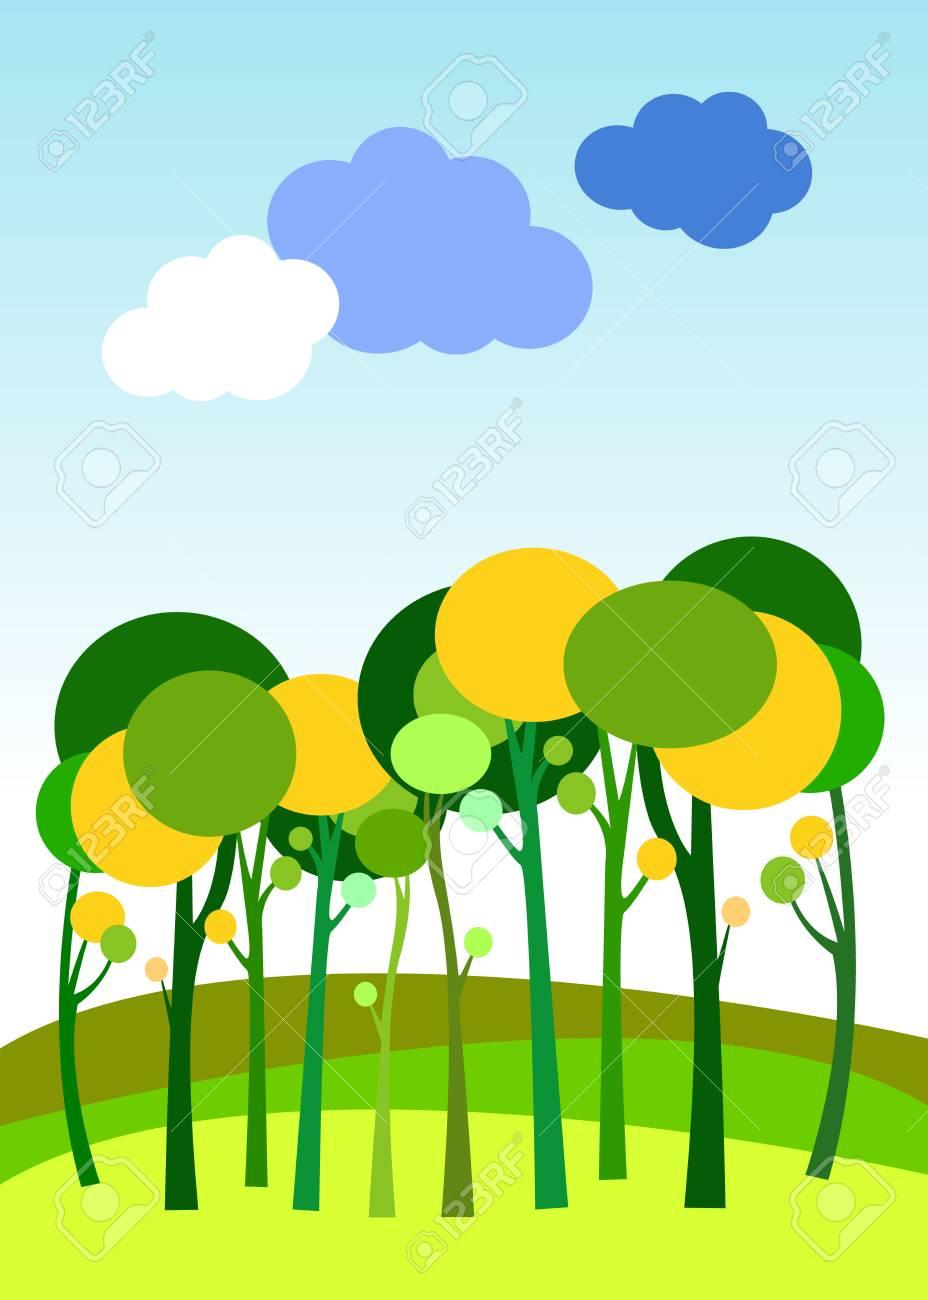 風景ベクトルの森イラスト背景シルエット ツリー ロイヤリティフリー